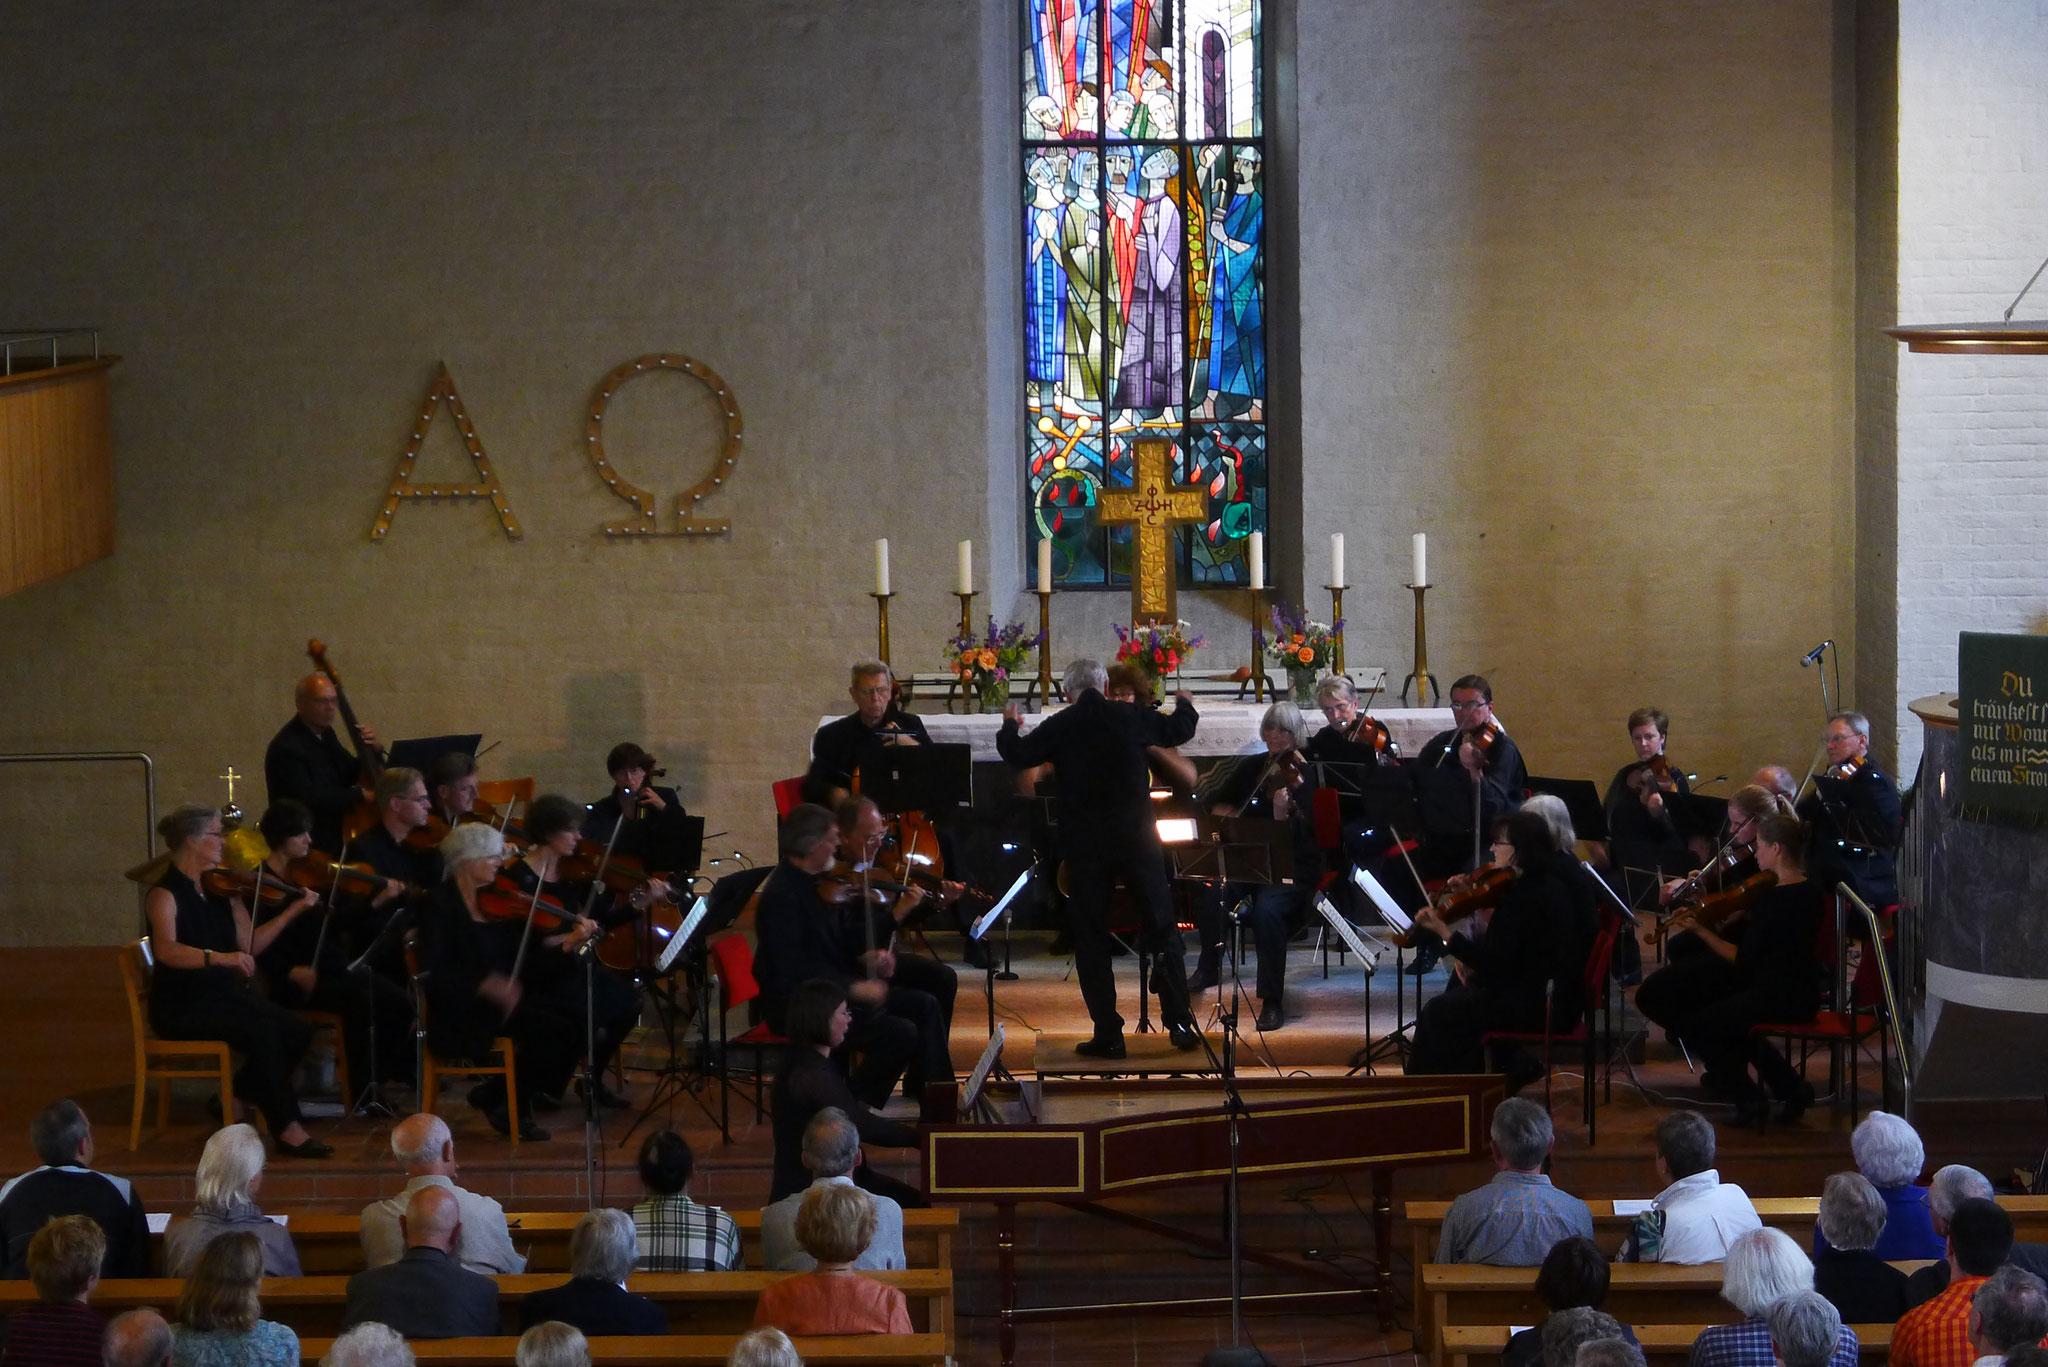 Evangelische Auferstehungskirche Bamberg - 27. Juni 2015